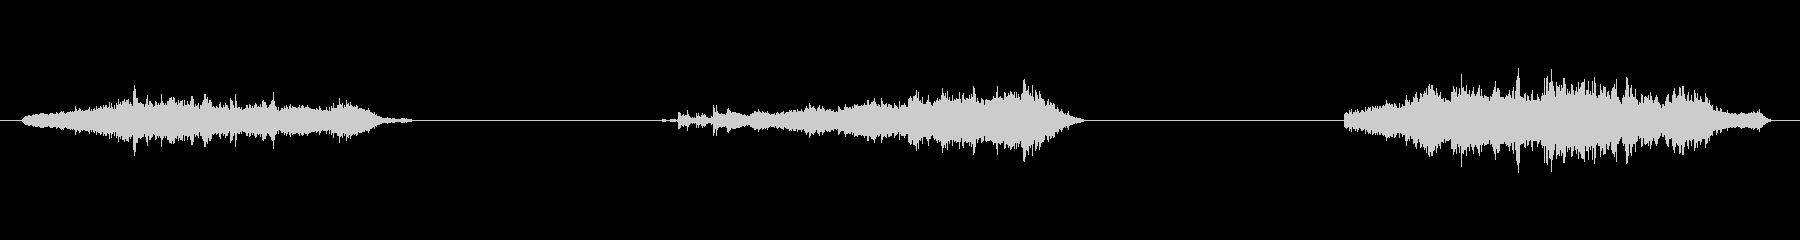 ナイロンプル、3バージョン; DI...の未再生の波形